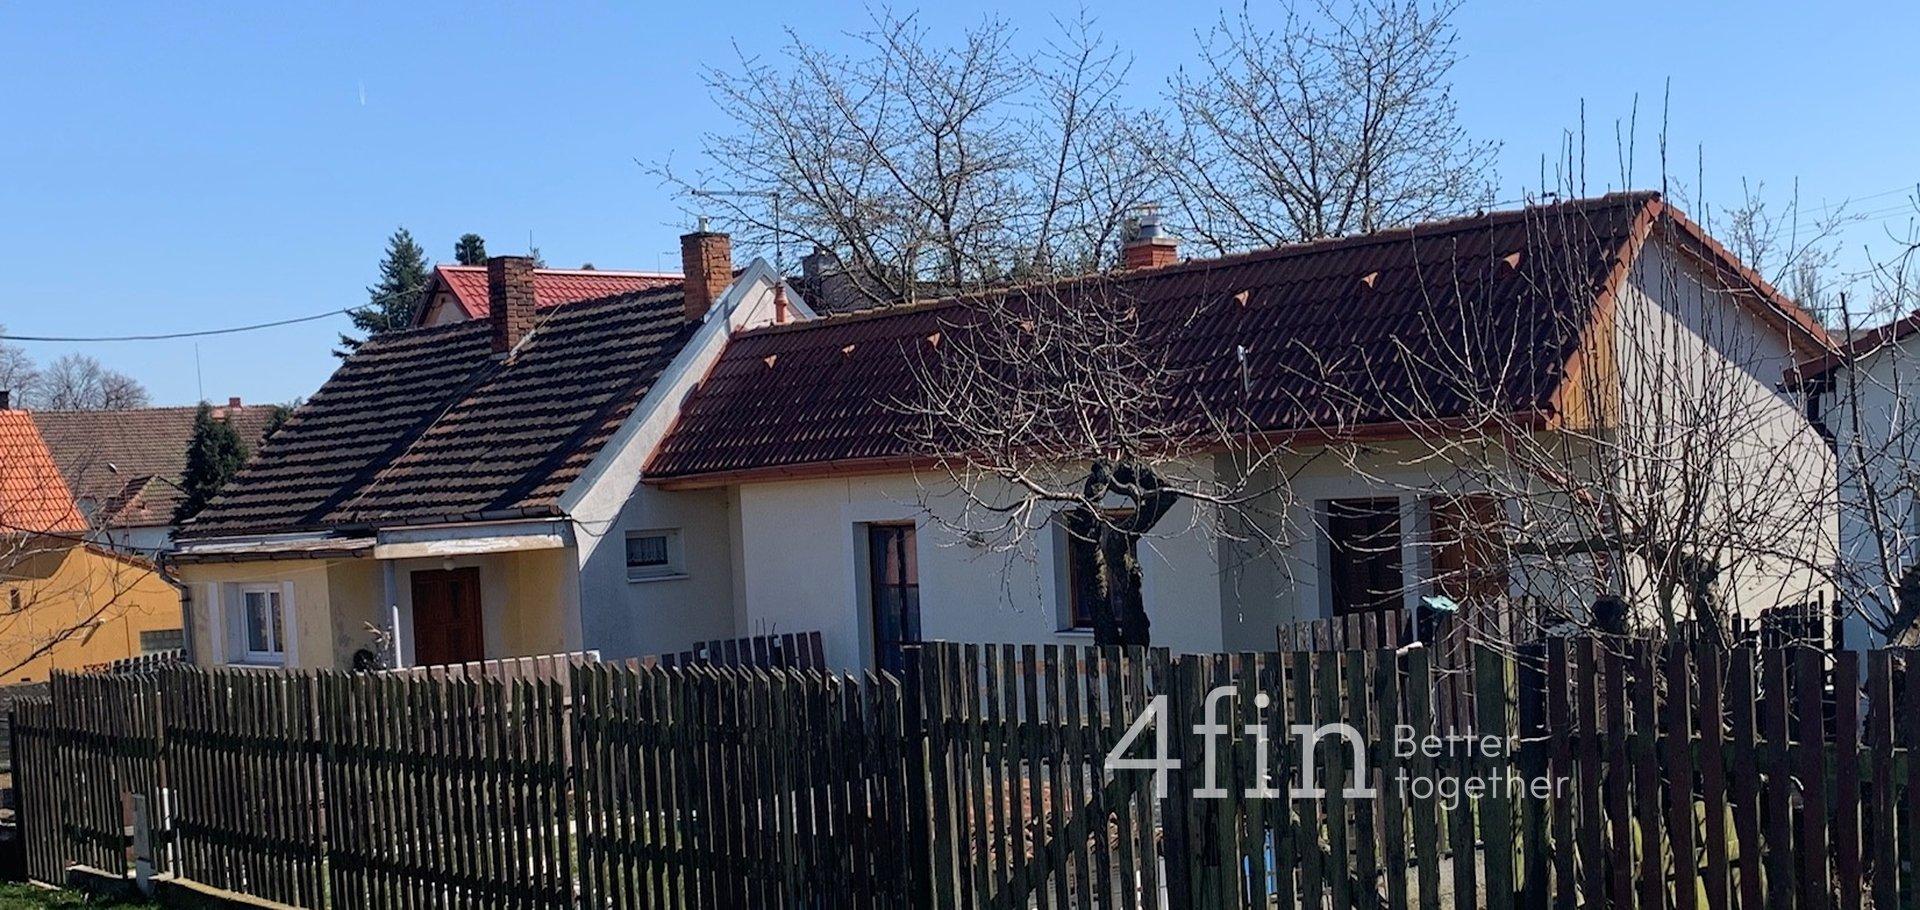 Pronájem samostatné ½ rodinného domu, s vlastním vchodem a zahradou, Štichov, okres Domažlicedinné domy, 60m²